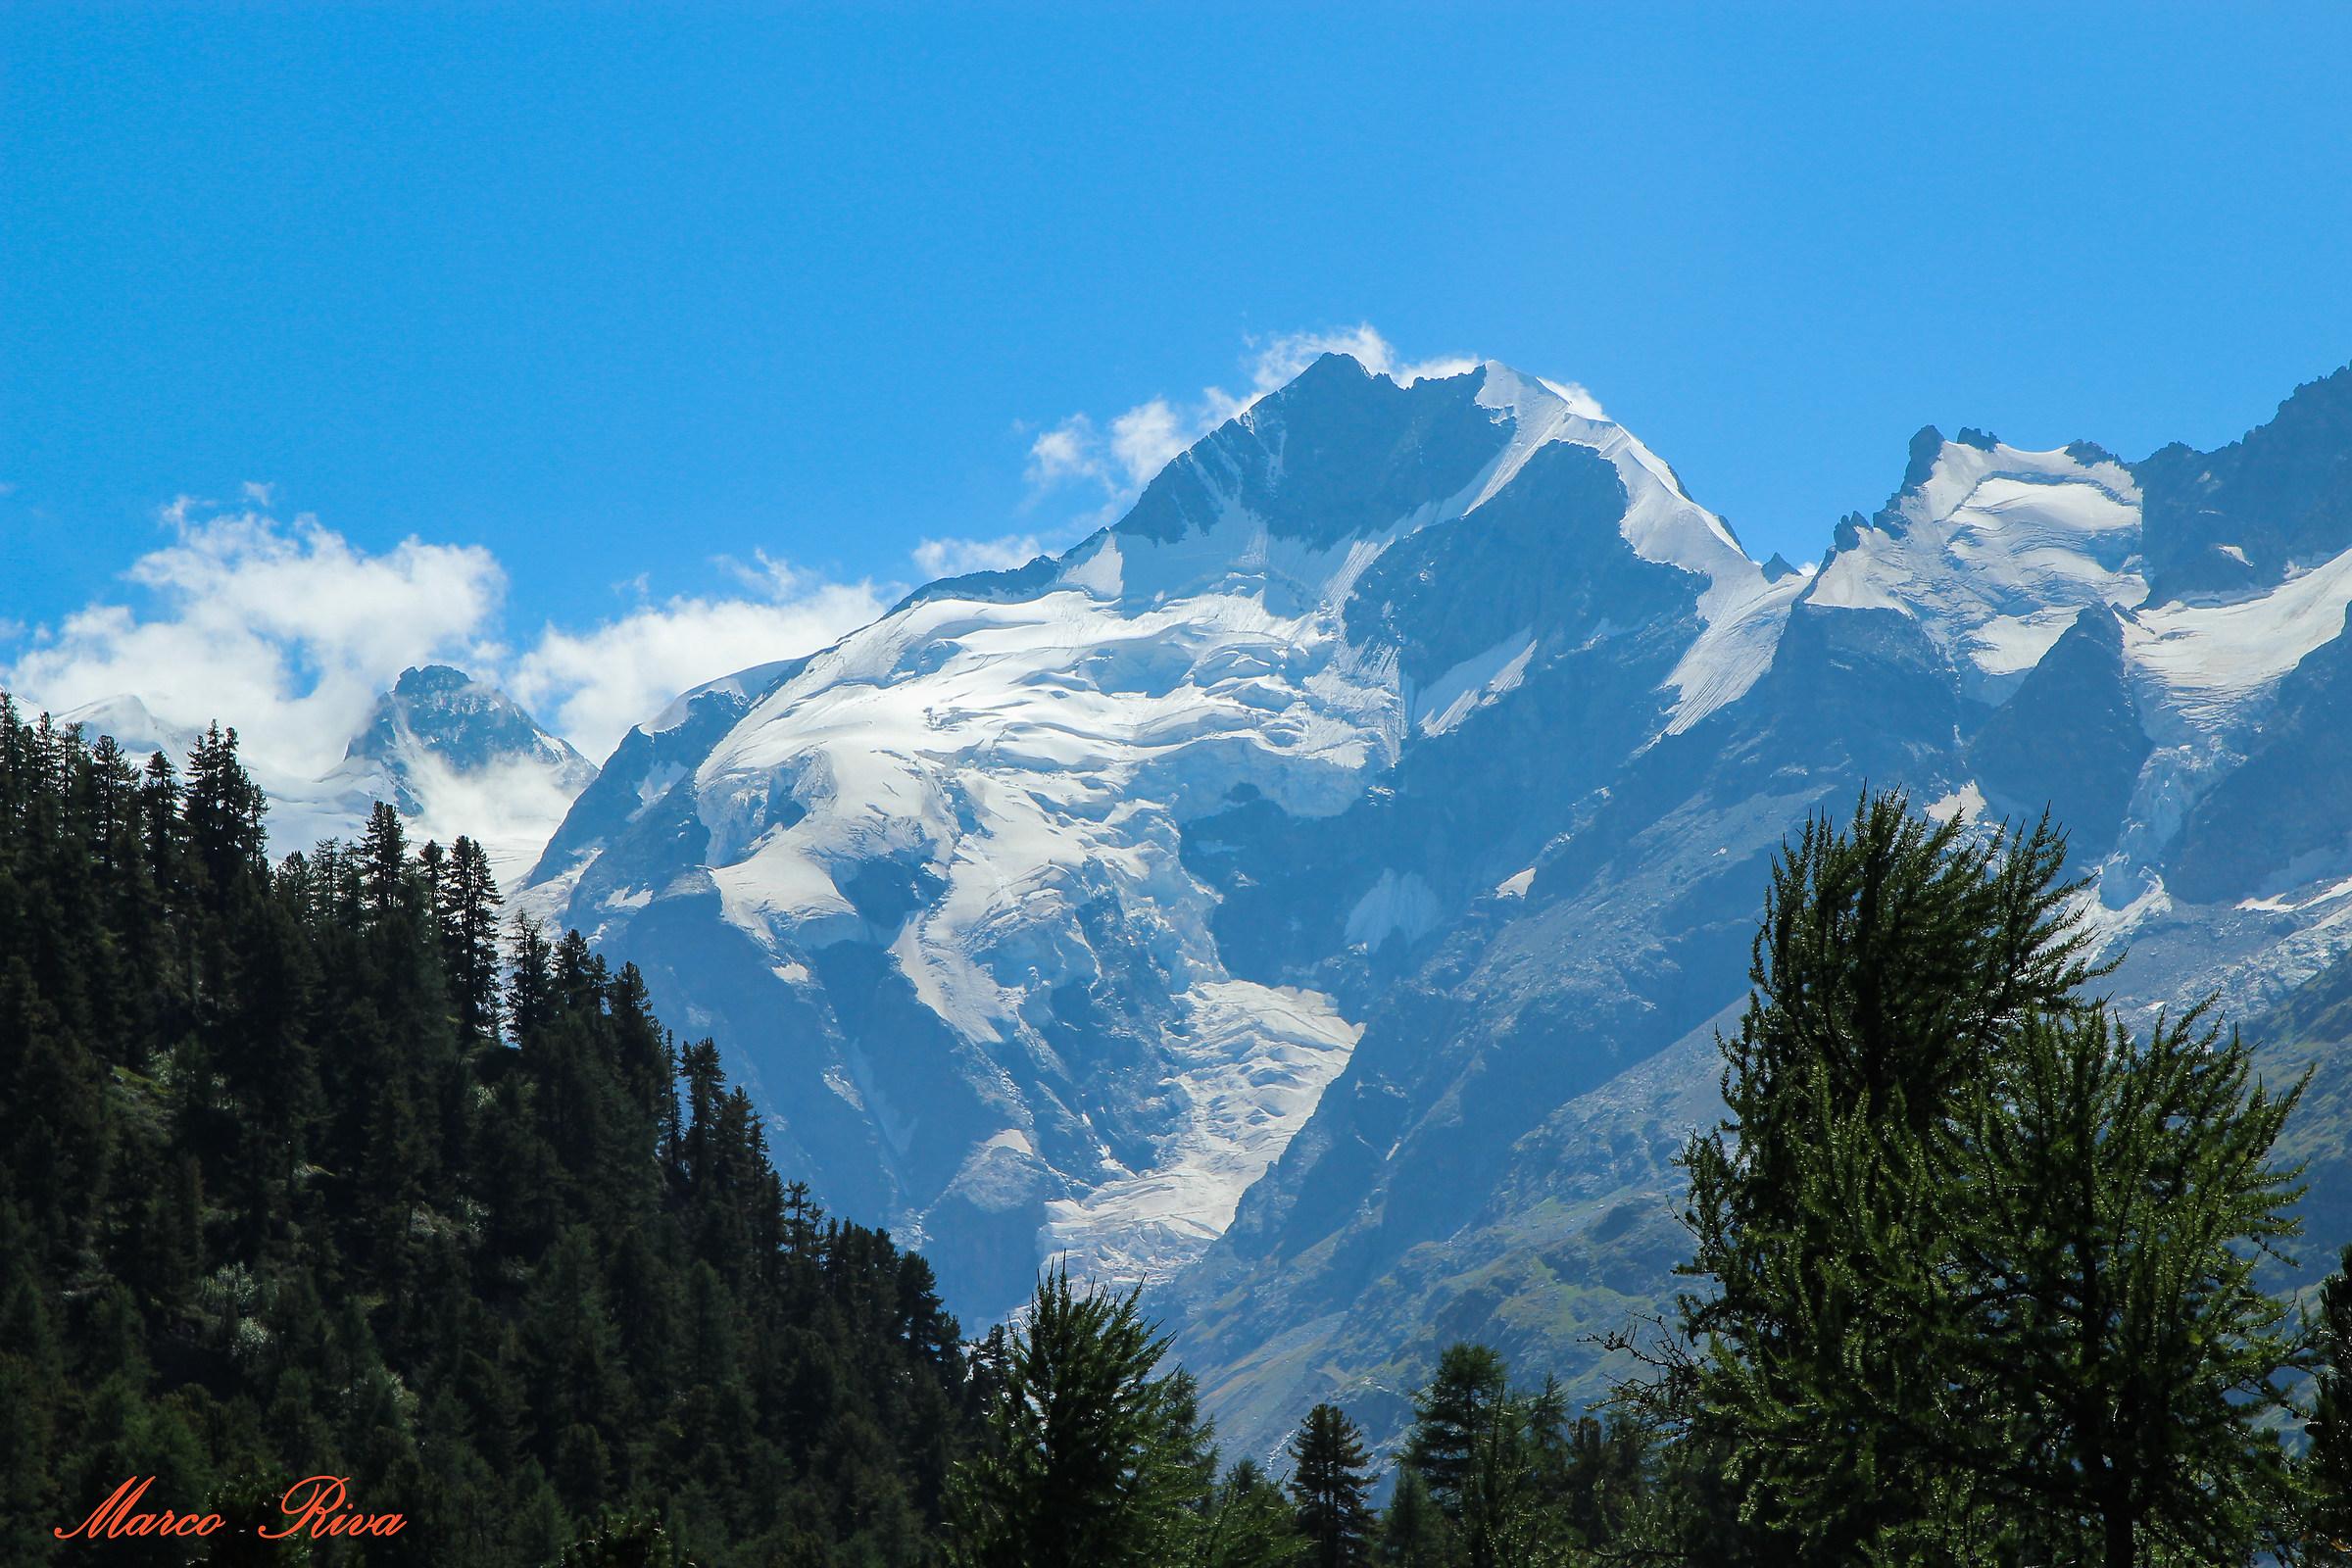 Alps...